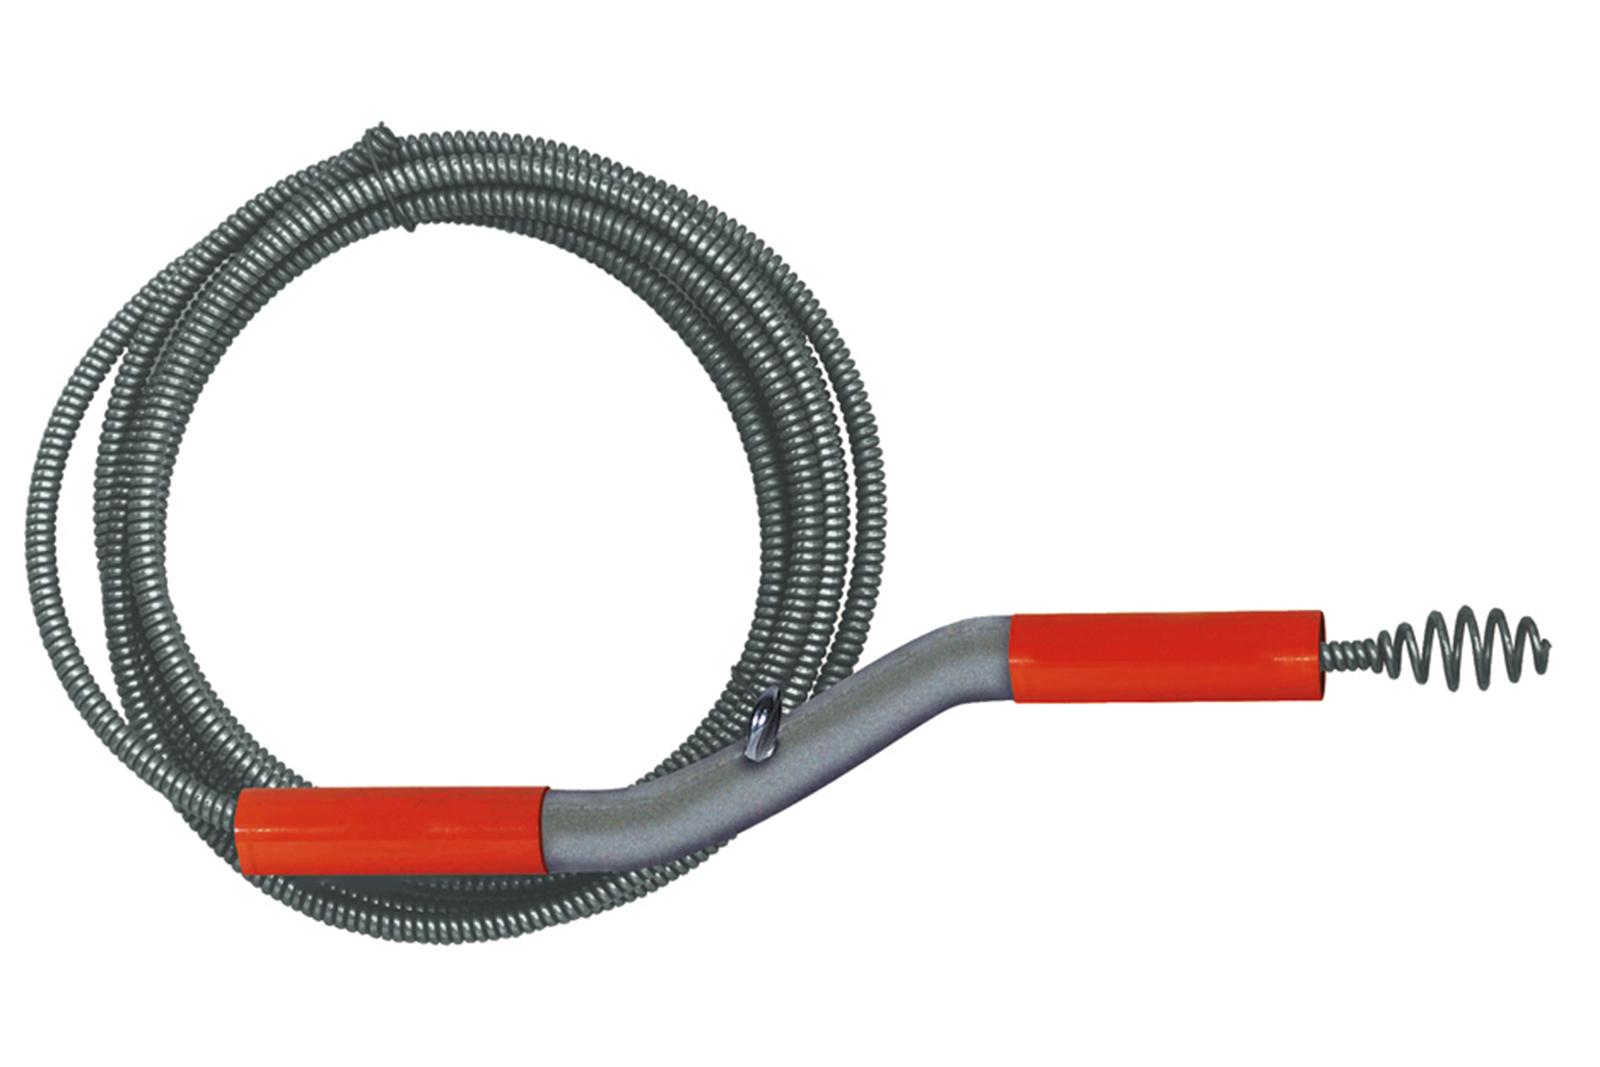 Купить Трос для прочистки General pipe 35fl1-ddh